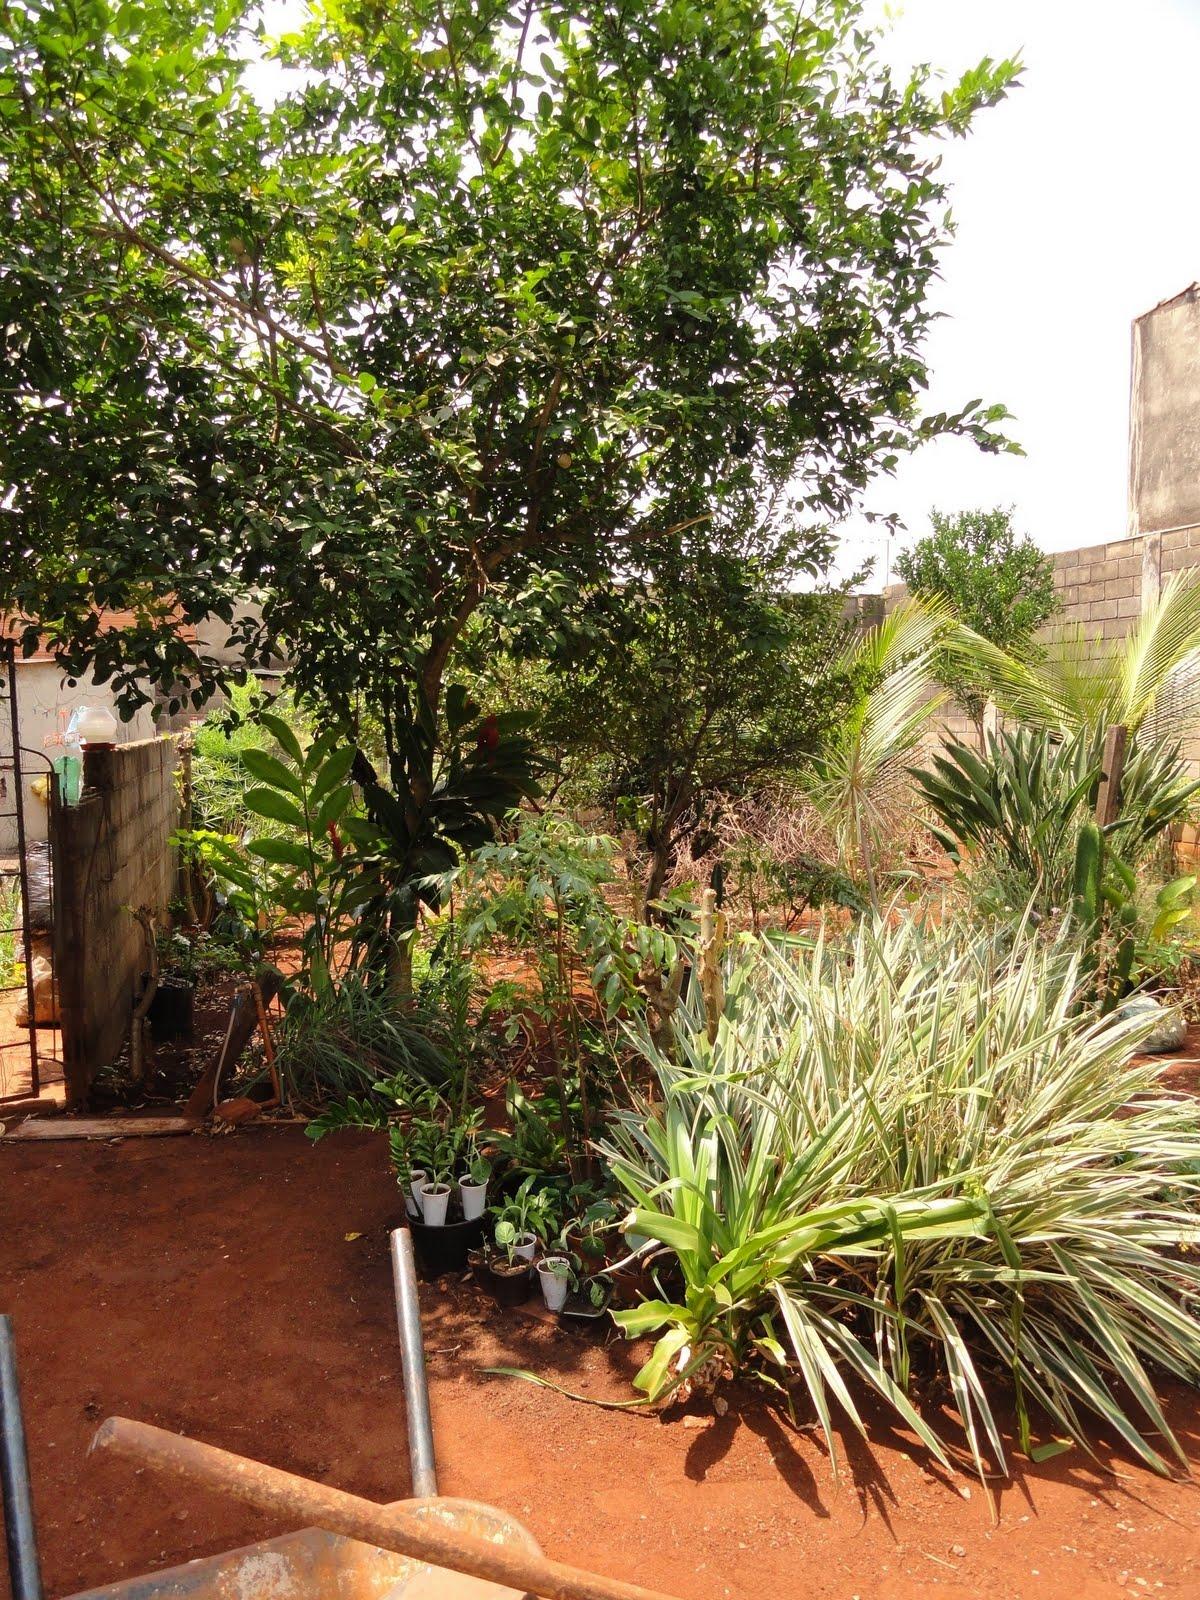 jardim fundo quintal : jardim fundo quintal:Jardim em comum: Fundo de quintal